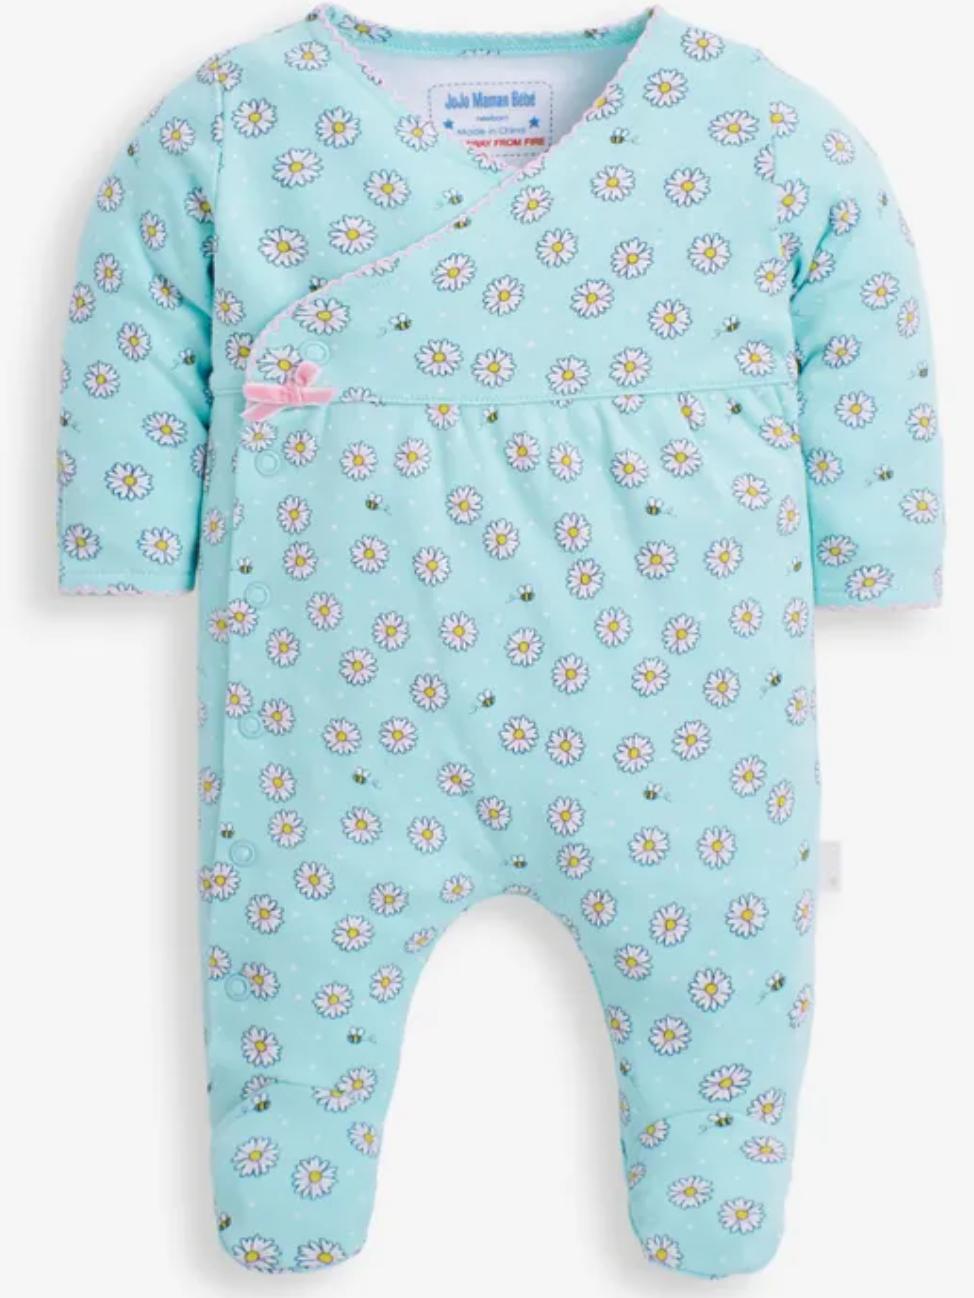 Daisy print sleep suit